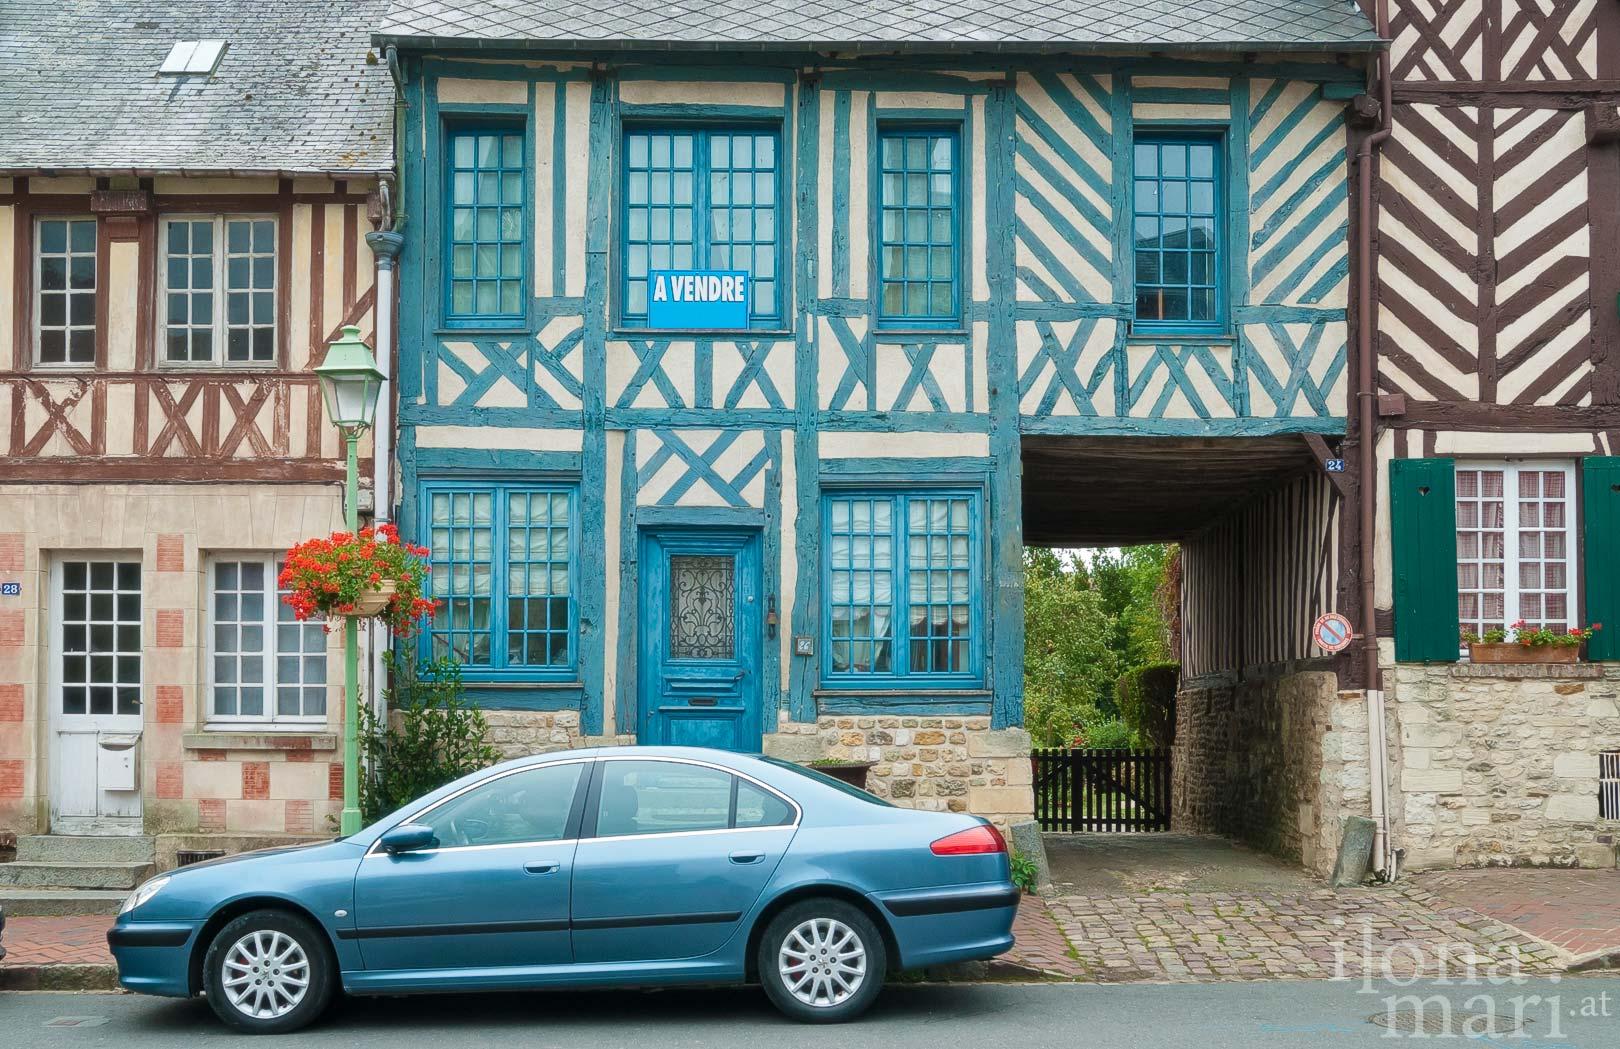 Ein blaues Auto parkt vor einem blauen Fachwerkhaus in Beaumont-en-Auge (Normandie)